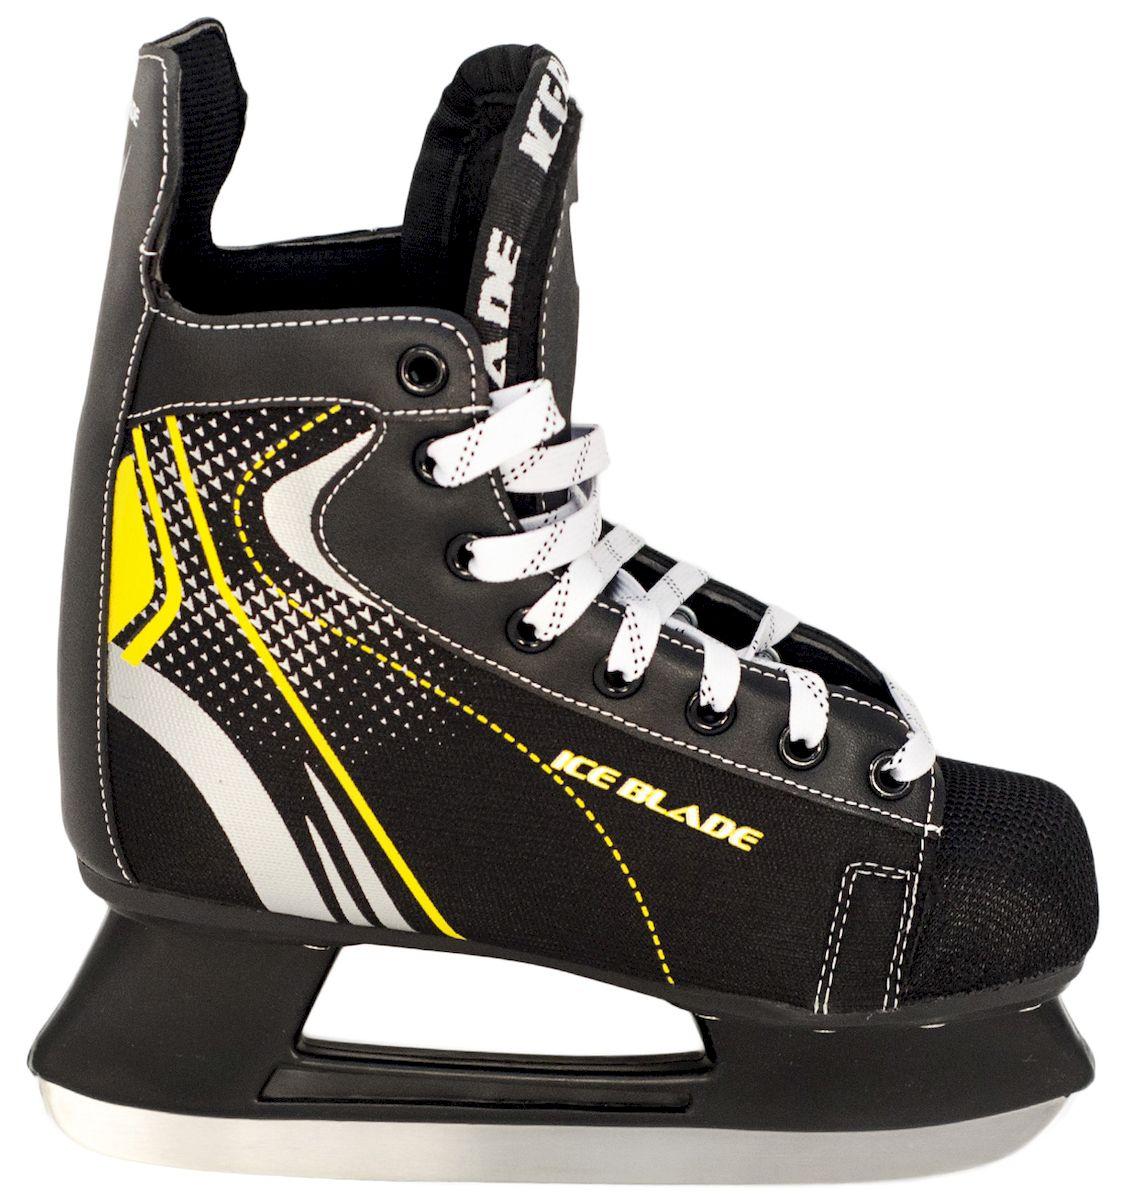 Коньки хоккейные Ice Blade Shark, цвет: черный, желтый. УТ-00006841. Размер 43УТ-00006841Коньки хоккейные Shark имеют модный яркий дизайн, поэтому данная модель очень популярна у любителей хоккея.Ботинок выполнен из искусственной кожи, высокопрочной нейлоновой ткани и ударостойкого пластика. Лезвие изготовлено из высокоуглеродистой стали с покрытием из никеля, что гарантирует прочность и долговечность. В качестве внутренней отделки используется вельветин с утеплителем. Коньки поставляются с заводской заточкой лезвия, что позволяет сразу приступить к катанию, не тратя время и денег на заточку. Коньки подходят для использования на открытом и закрытом льду.Удобная система фиксации ноги и улучшенная колодка сделают катание комфортным и безопасным.